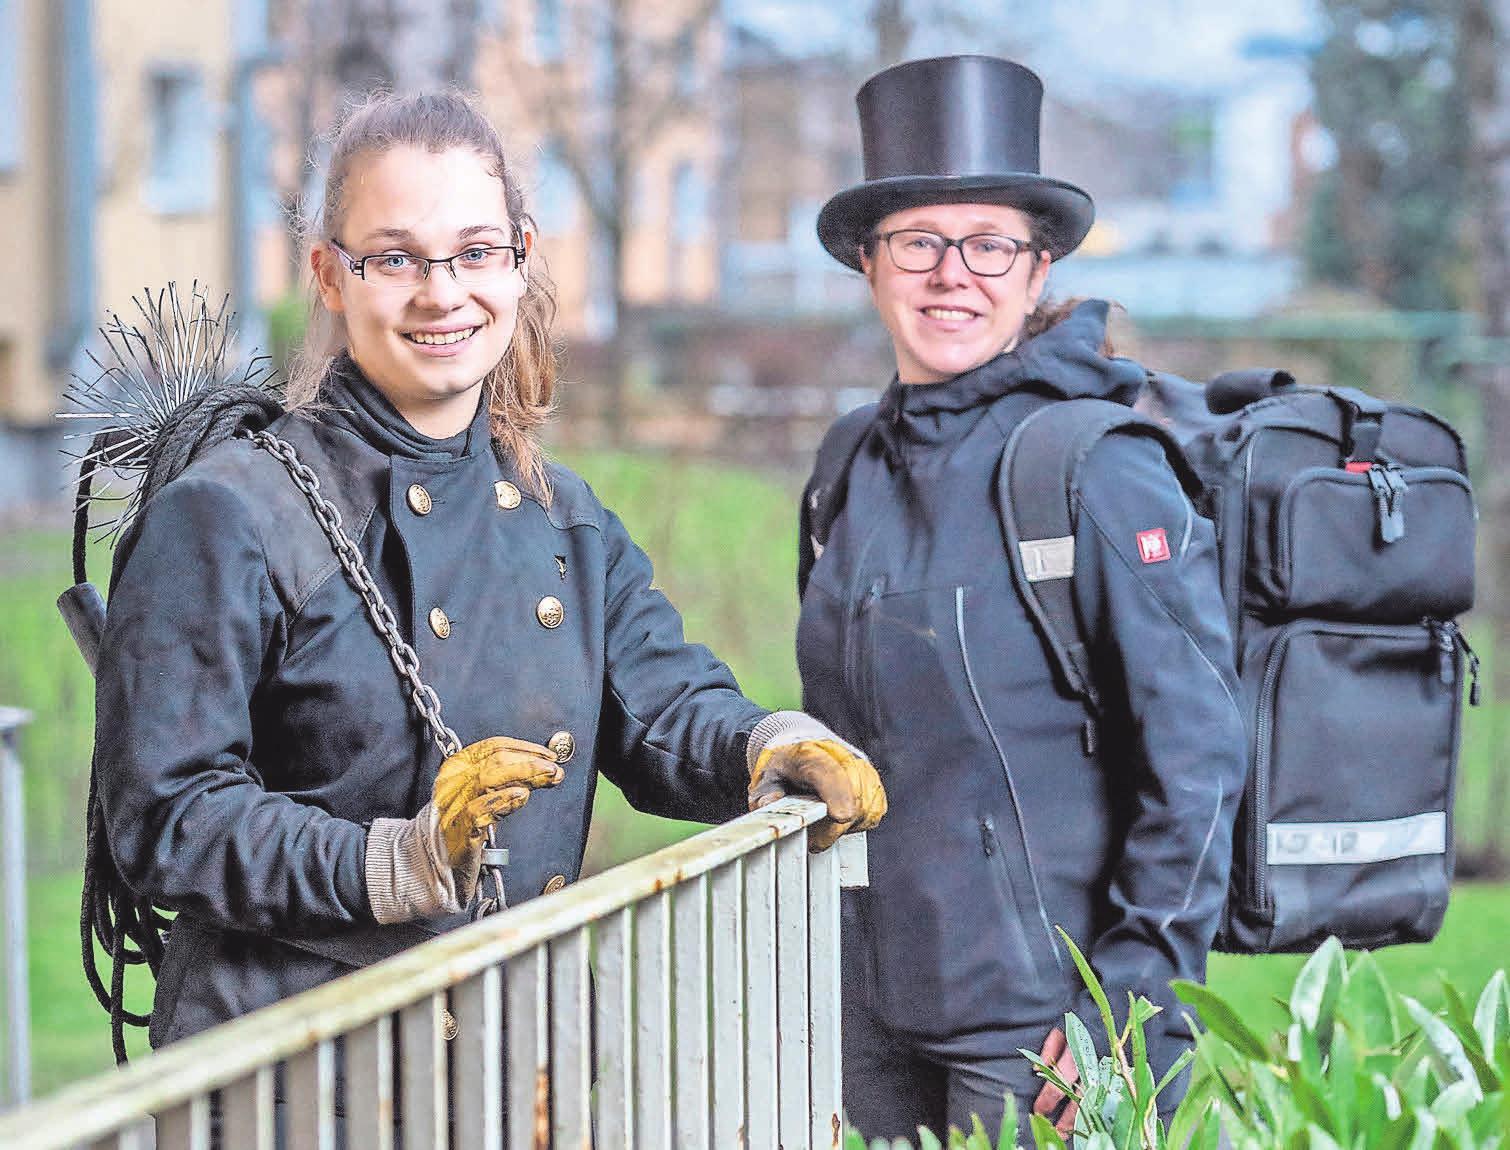 Tolles Team: Denise Artschwager (links) wird von der Schornsteinfegermeisterin Klaudia Göldner in Langenhagen ausgebildet.